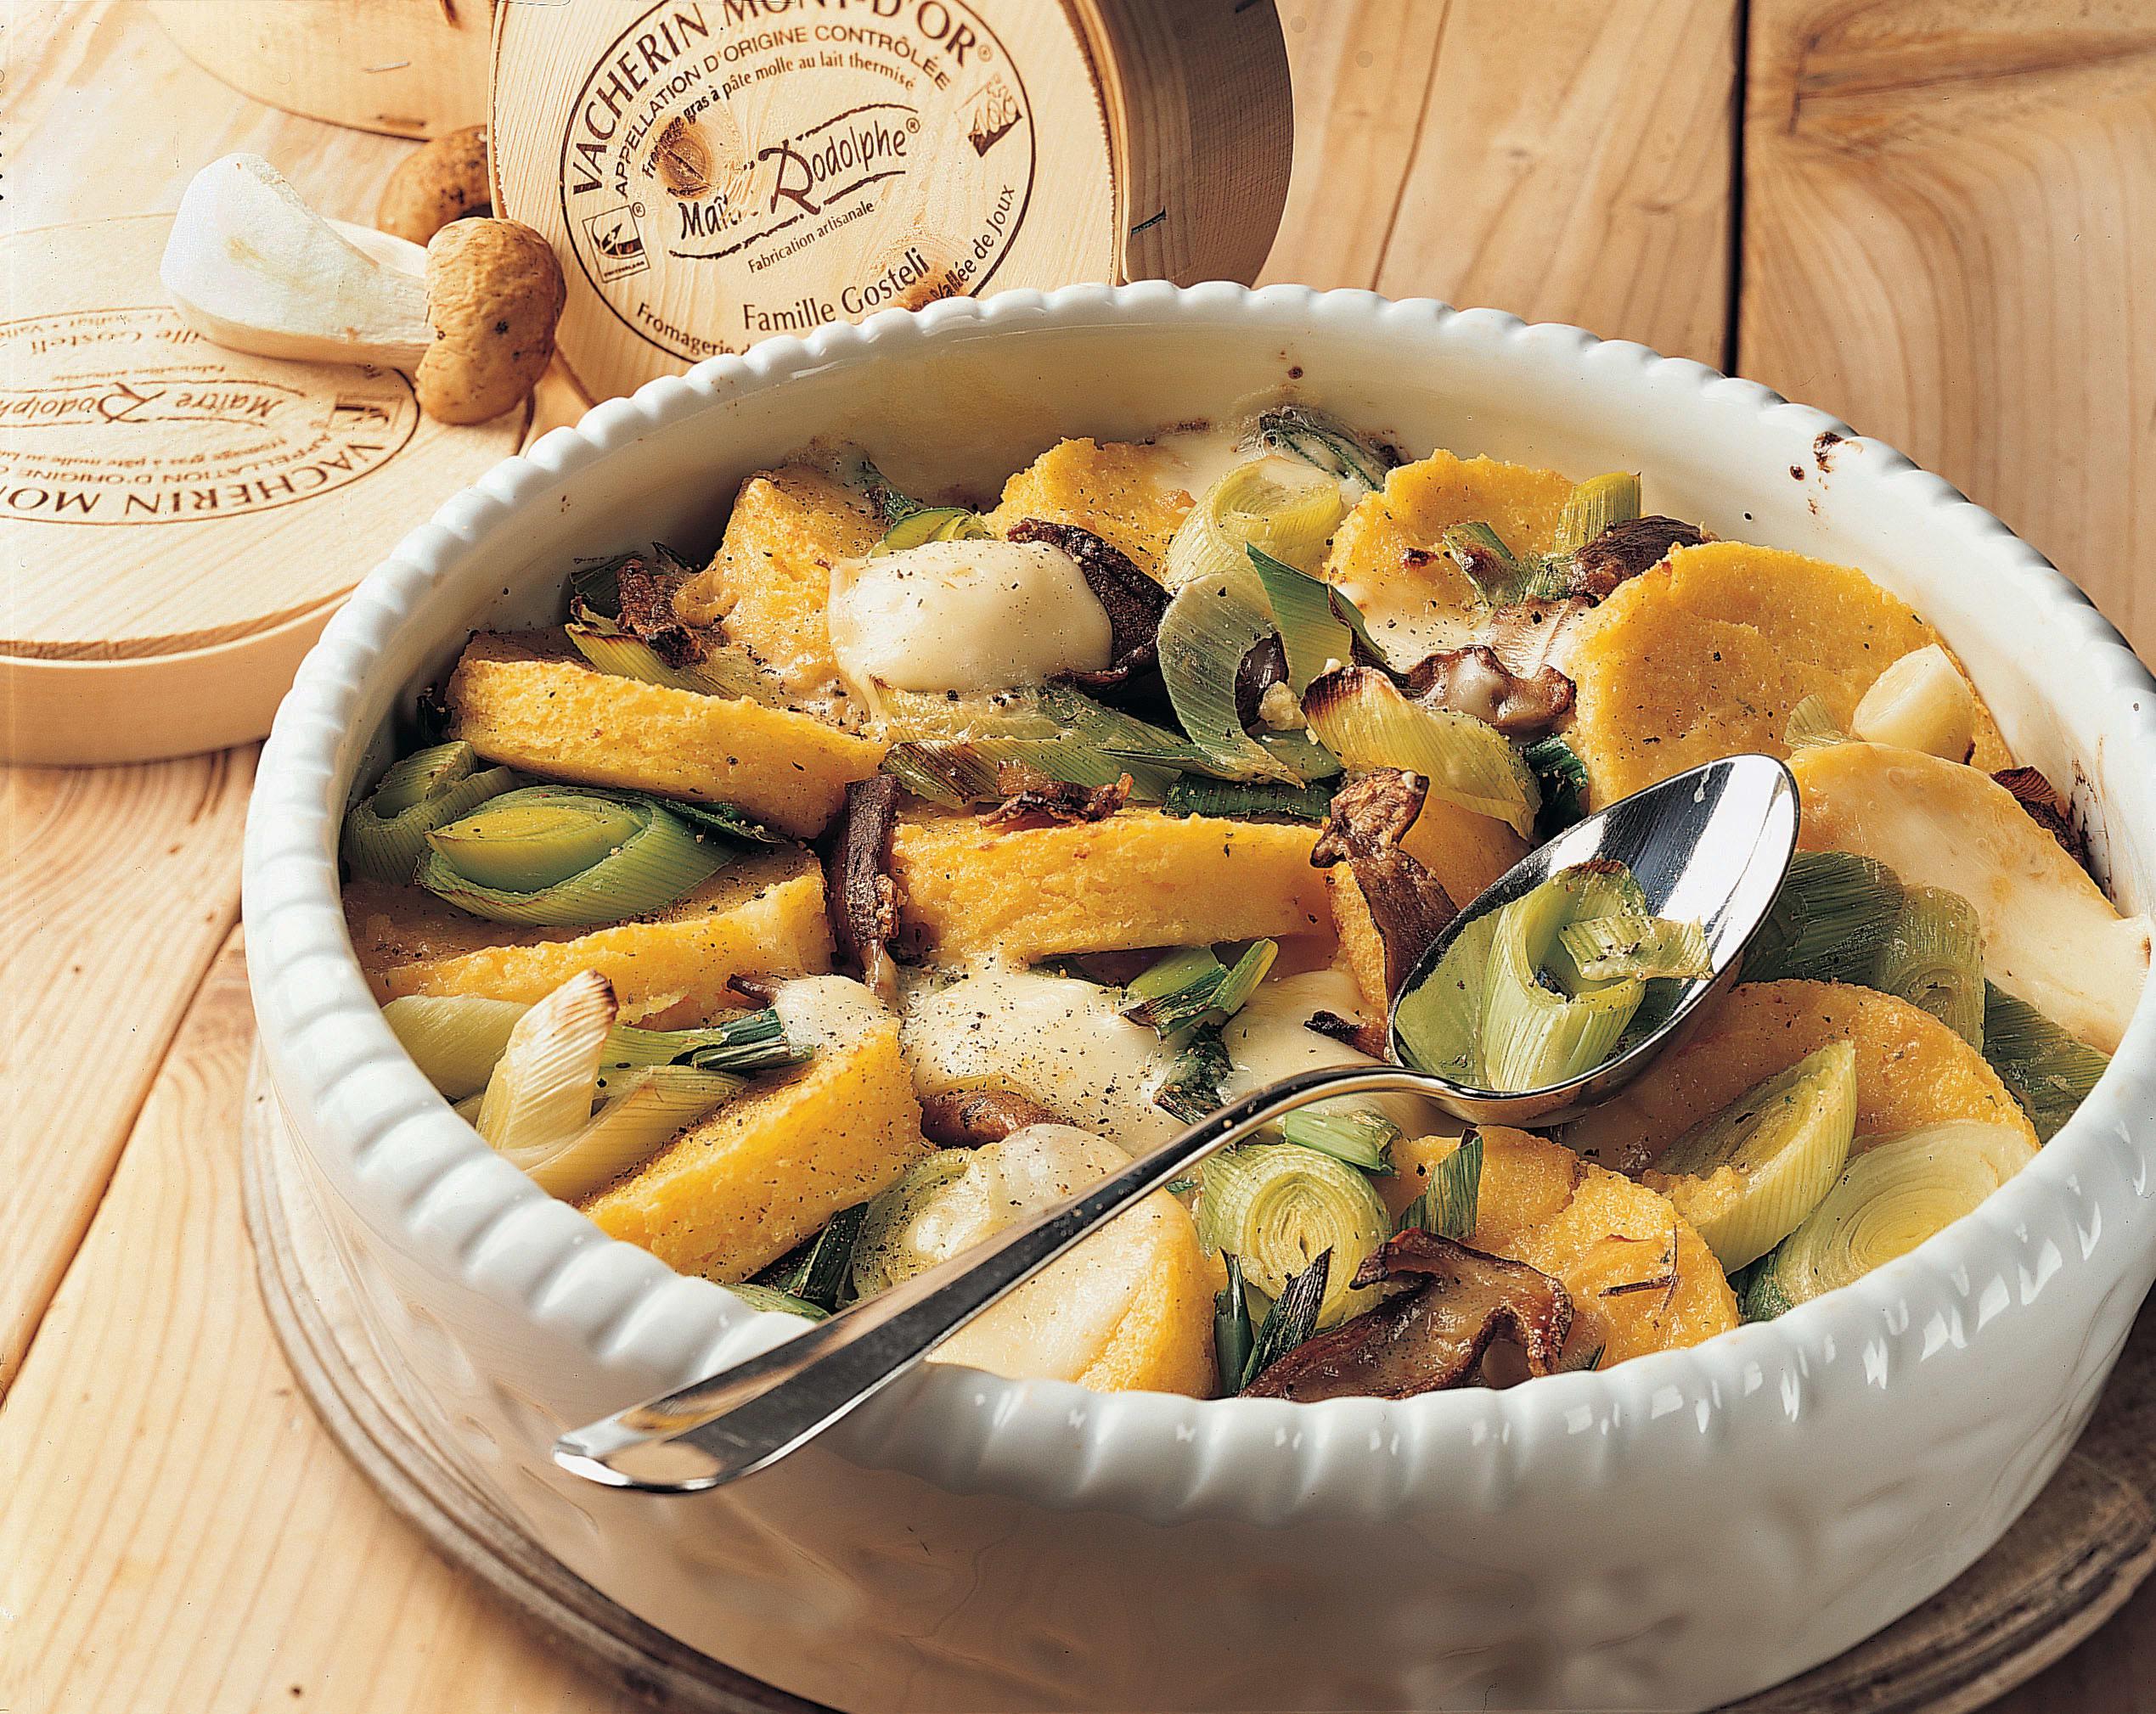 Maisgratin mit Gemüse und Vacherin Mont-d'Or